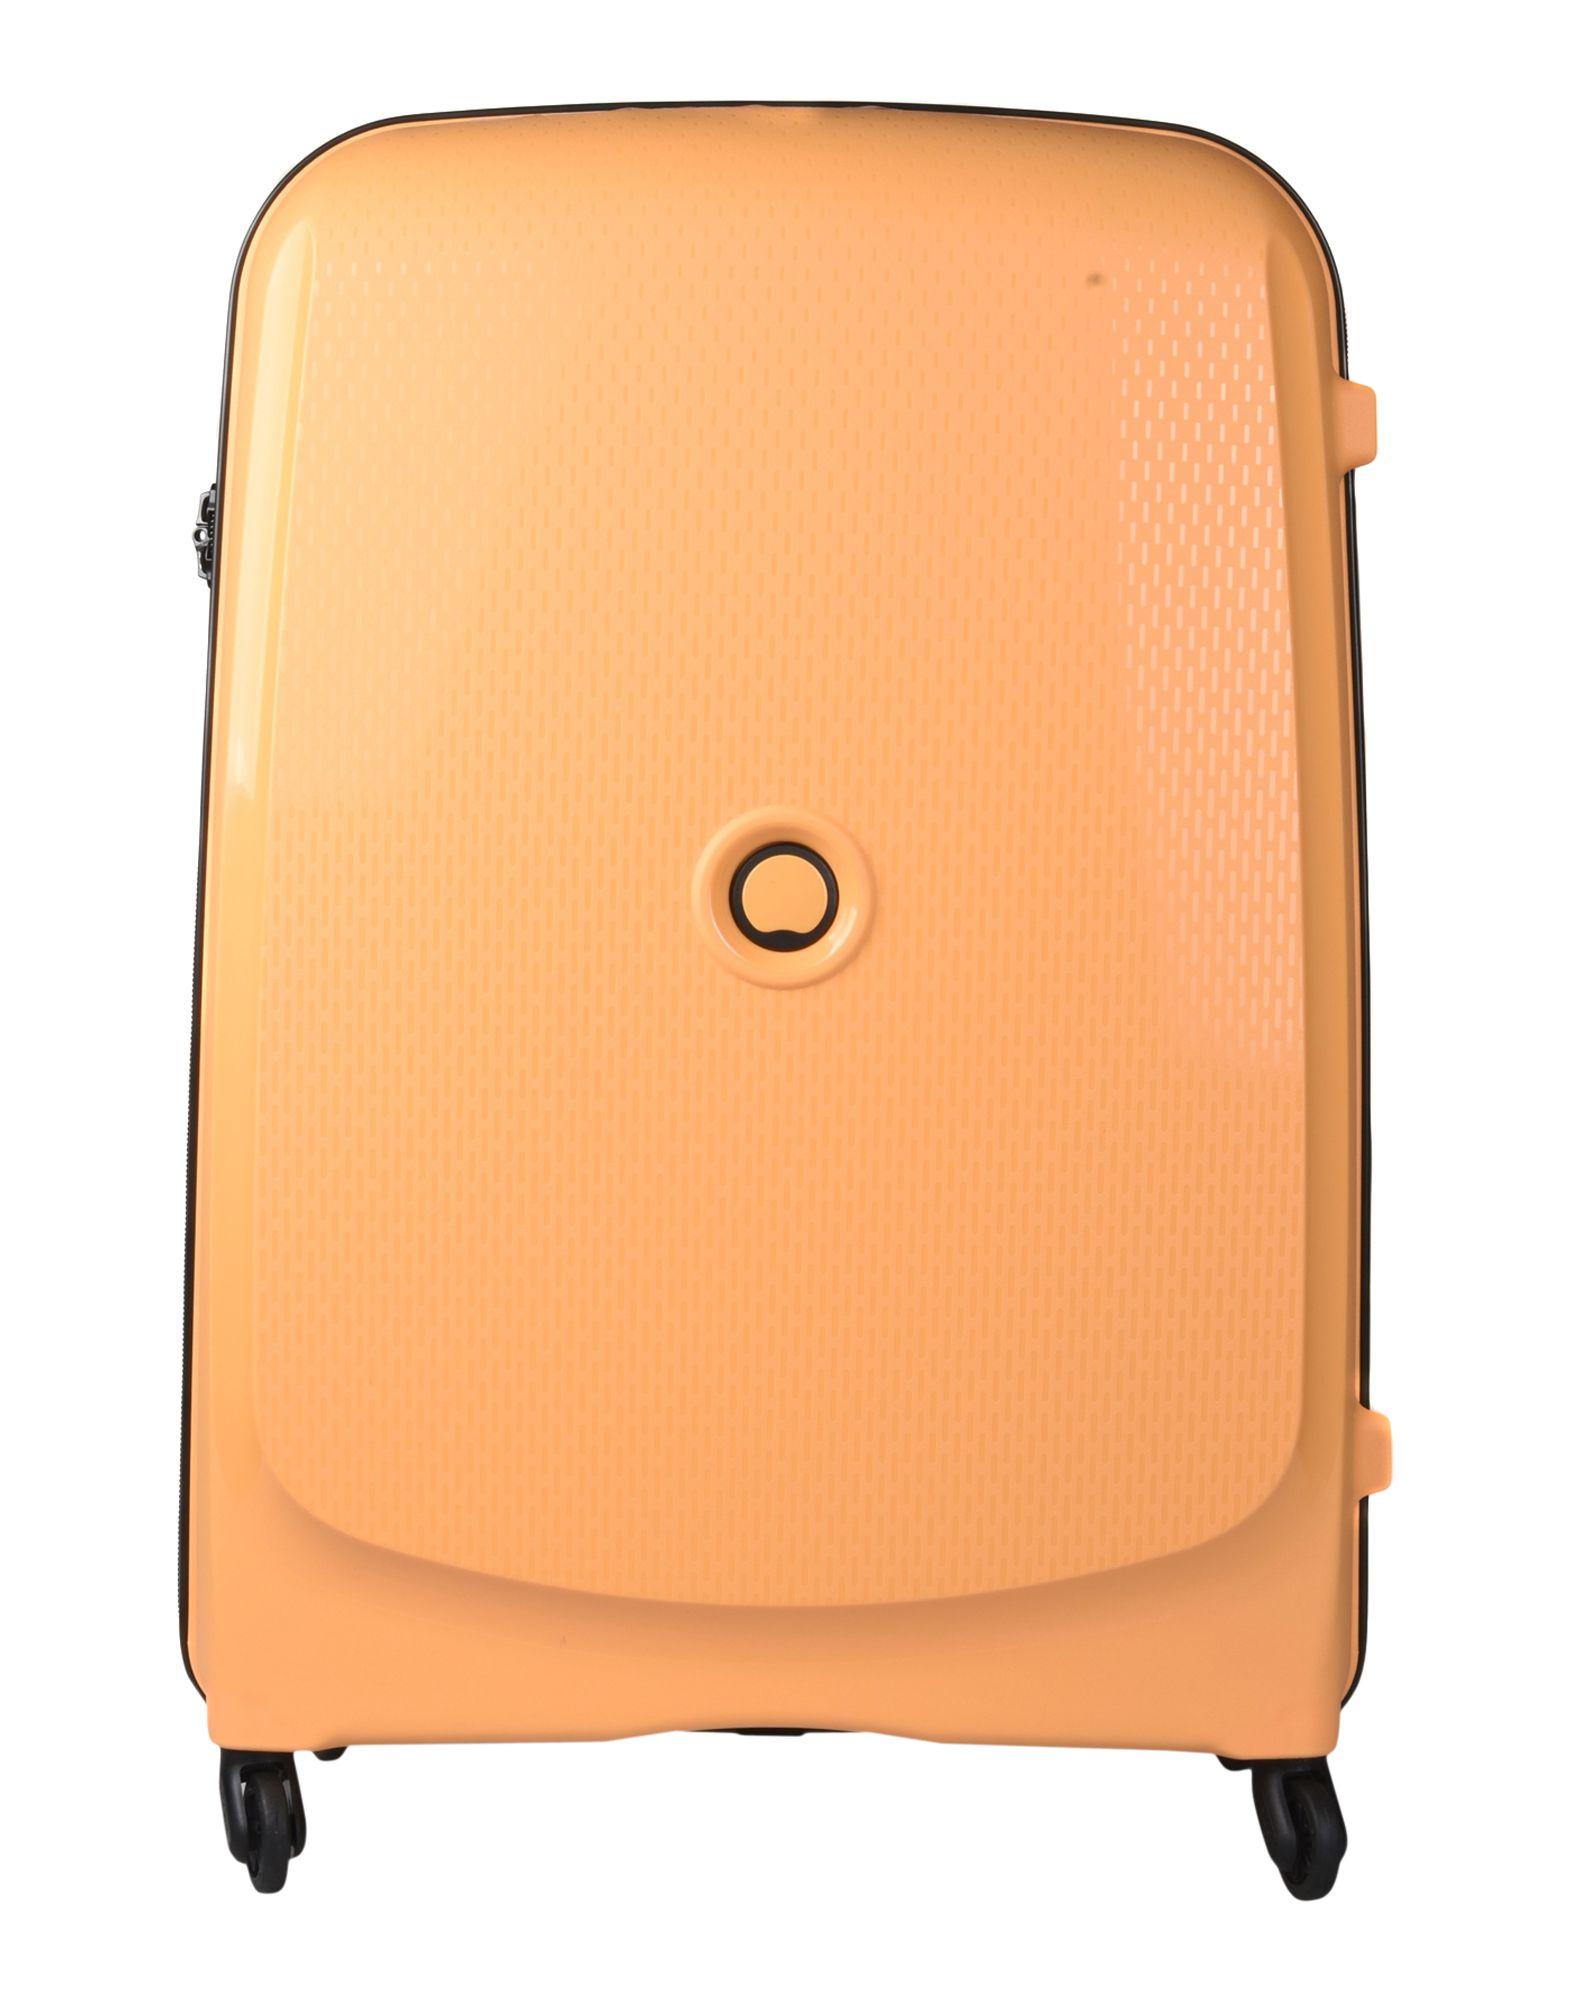 《期間限定セール中》DELSEY Unisex キャスター付きバッグ あんず色 ポリプロピレン